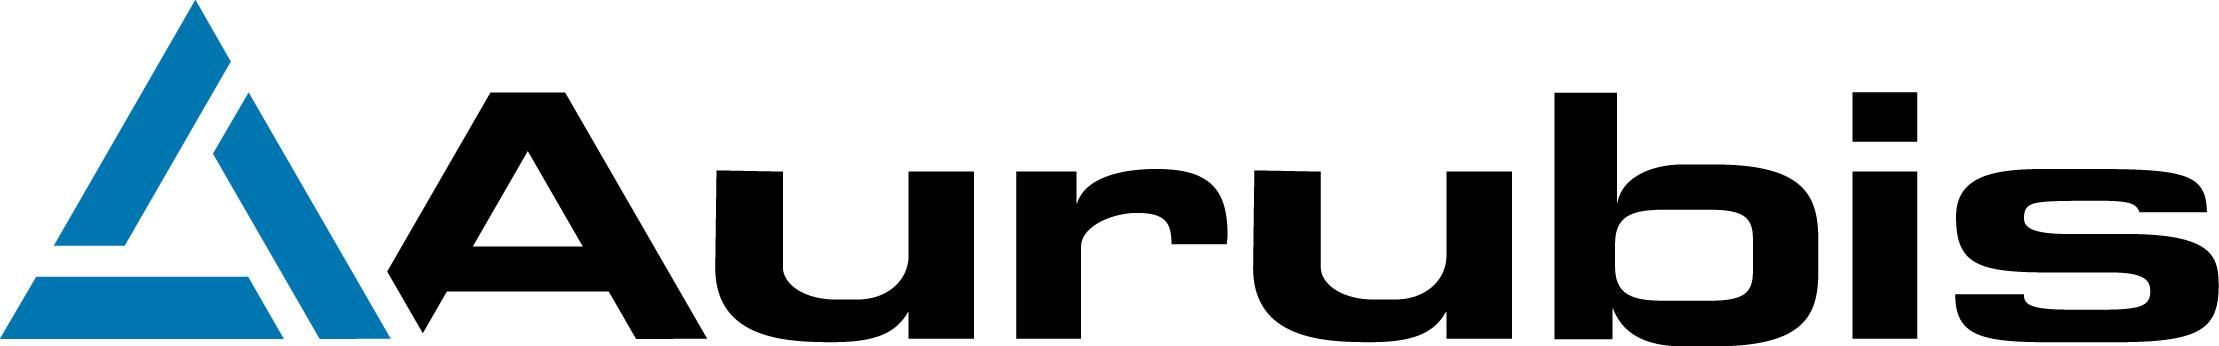 Aurubis_Logo